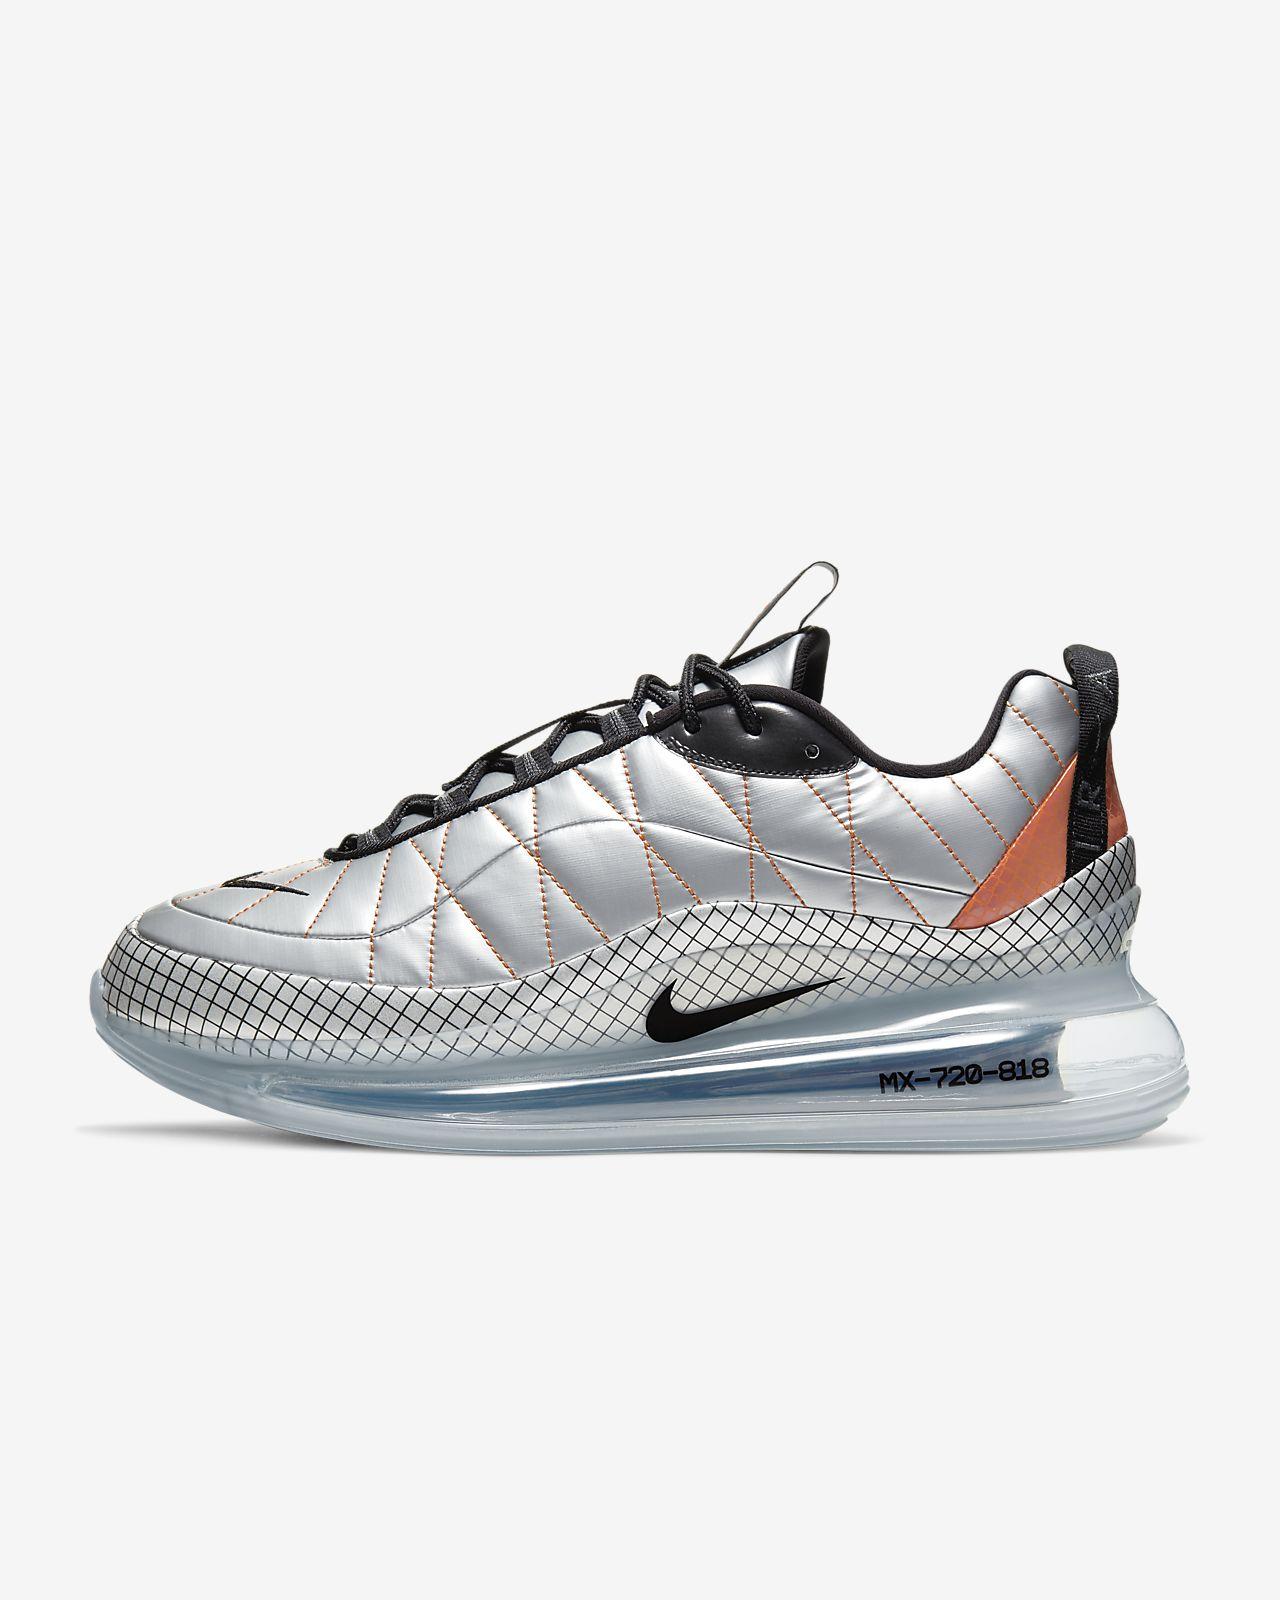 Buty męskie Nike MX-720-818